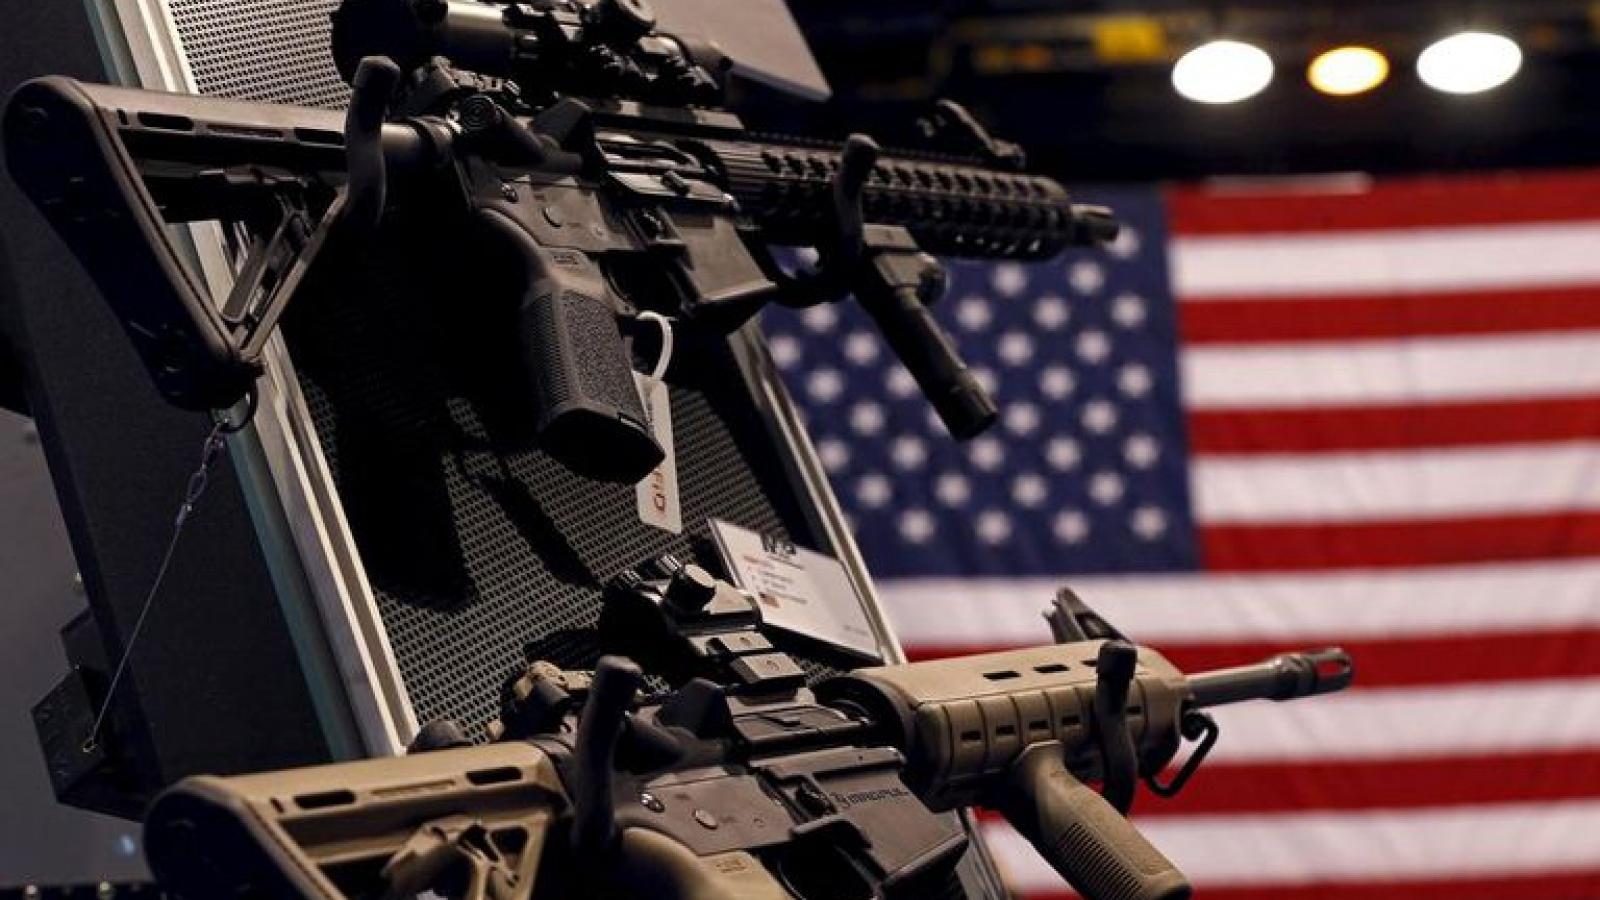 Thương vụ vũ khí đầu tiên dưới thời Tổng thống Joe Biden